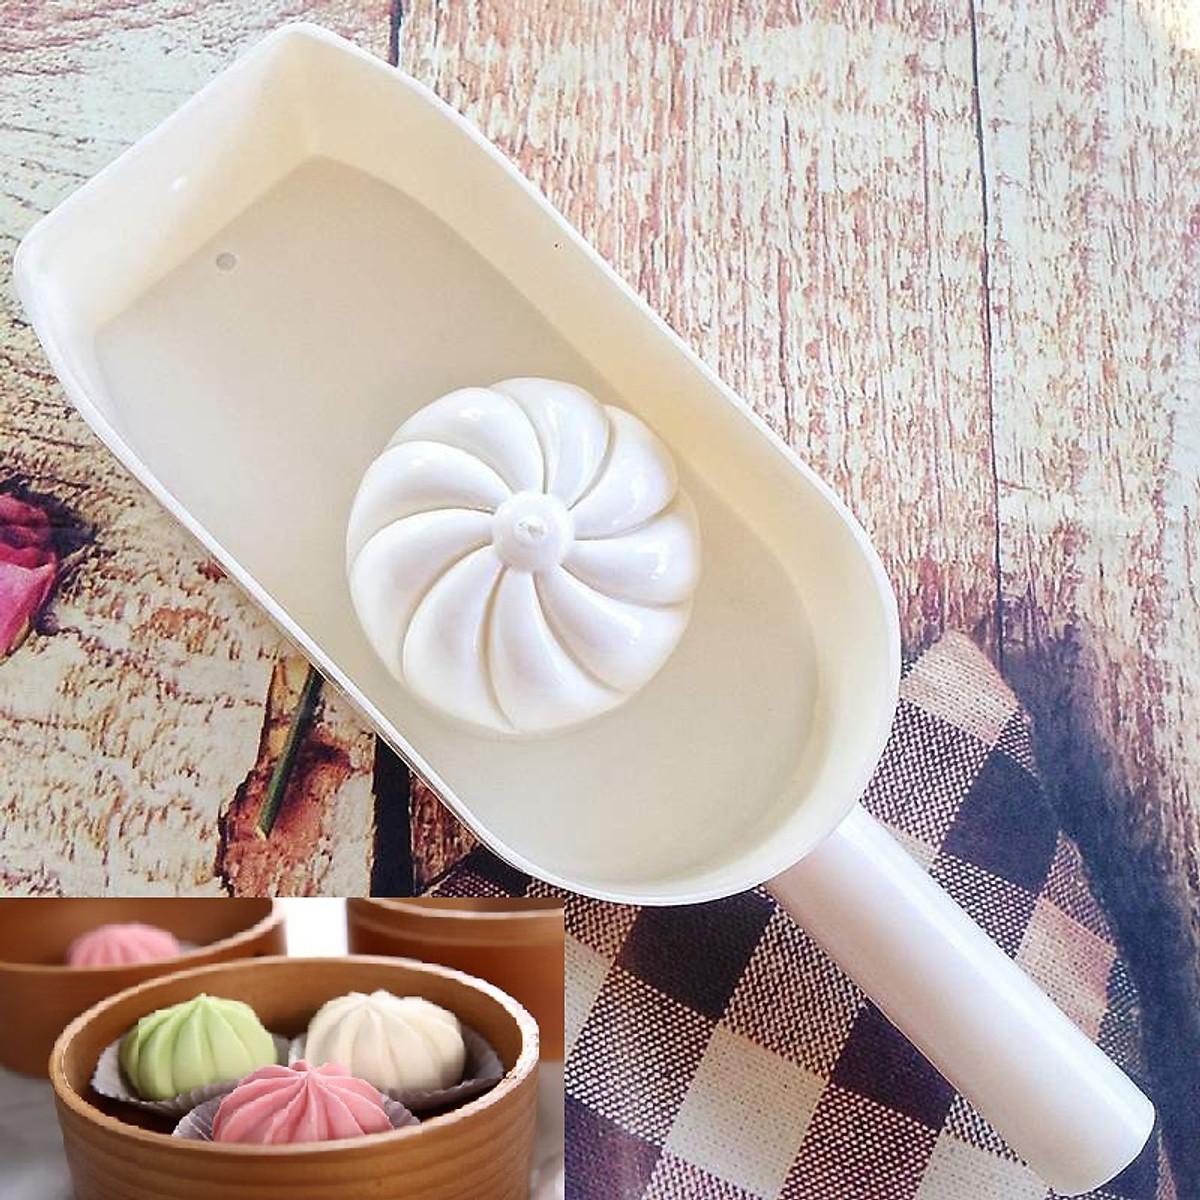 Combo Khuôn Làm Bánh Bao 8cm + Cán Lăn Bột Gỗ 30cm